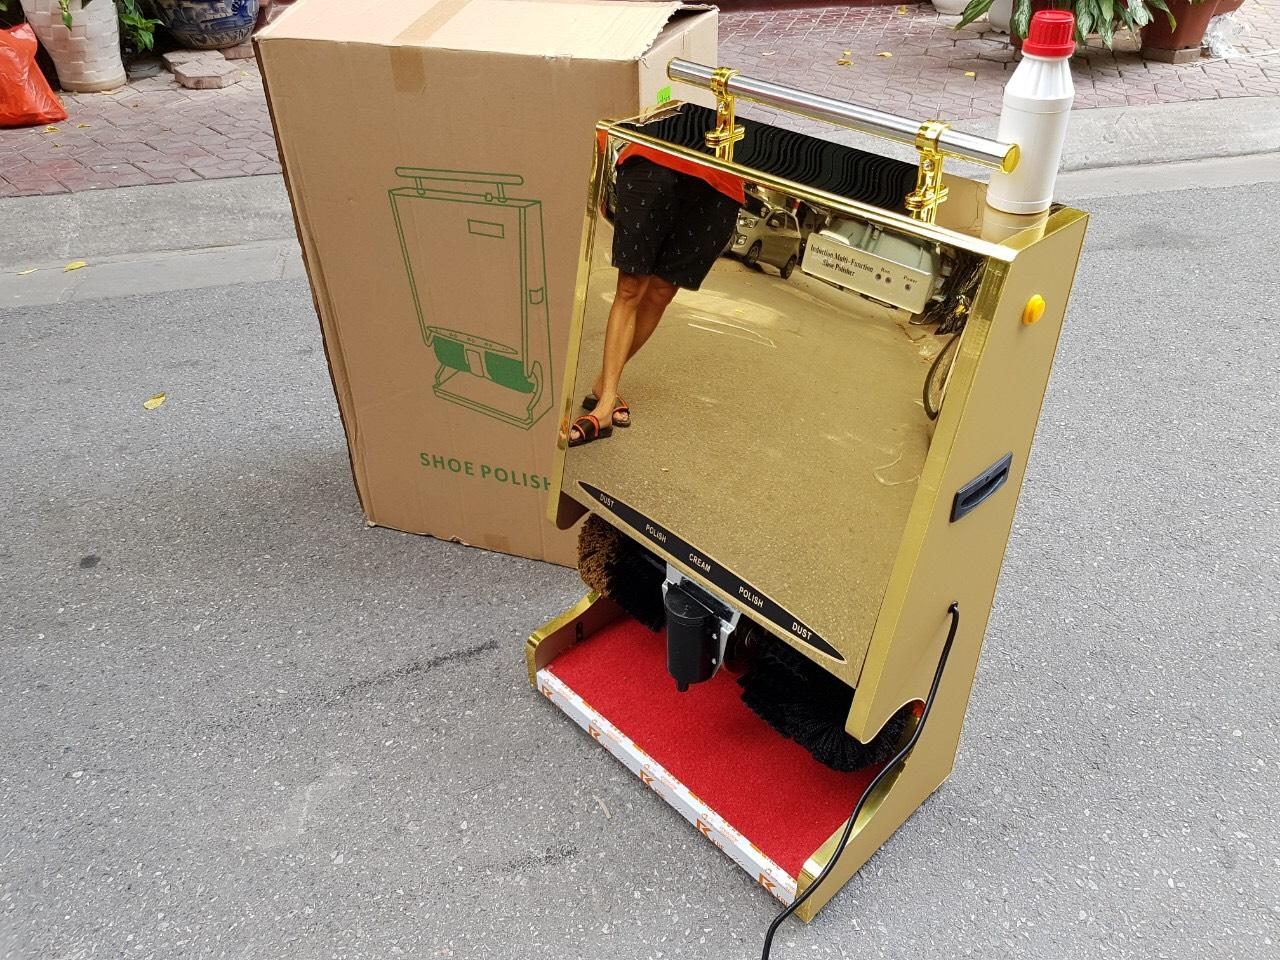 Máy đánh giầy tự động G1 để sảnh khách sạn, tòa nhà quân đội, ngân hàng,..